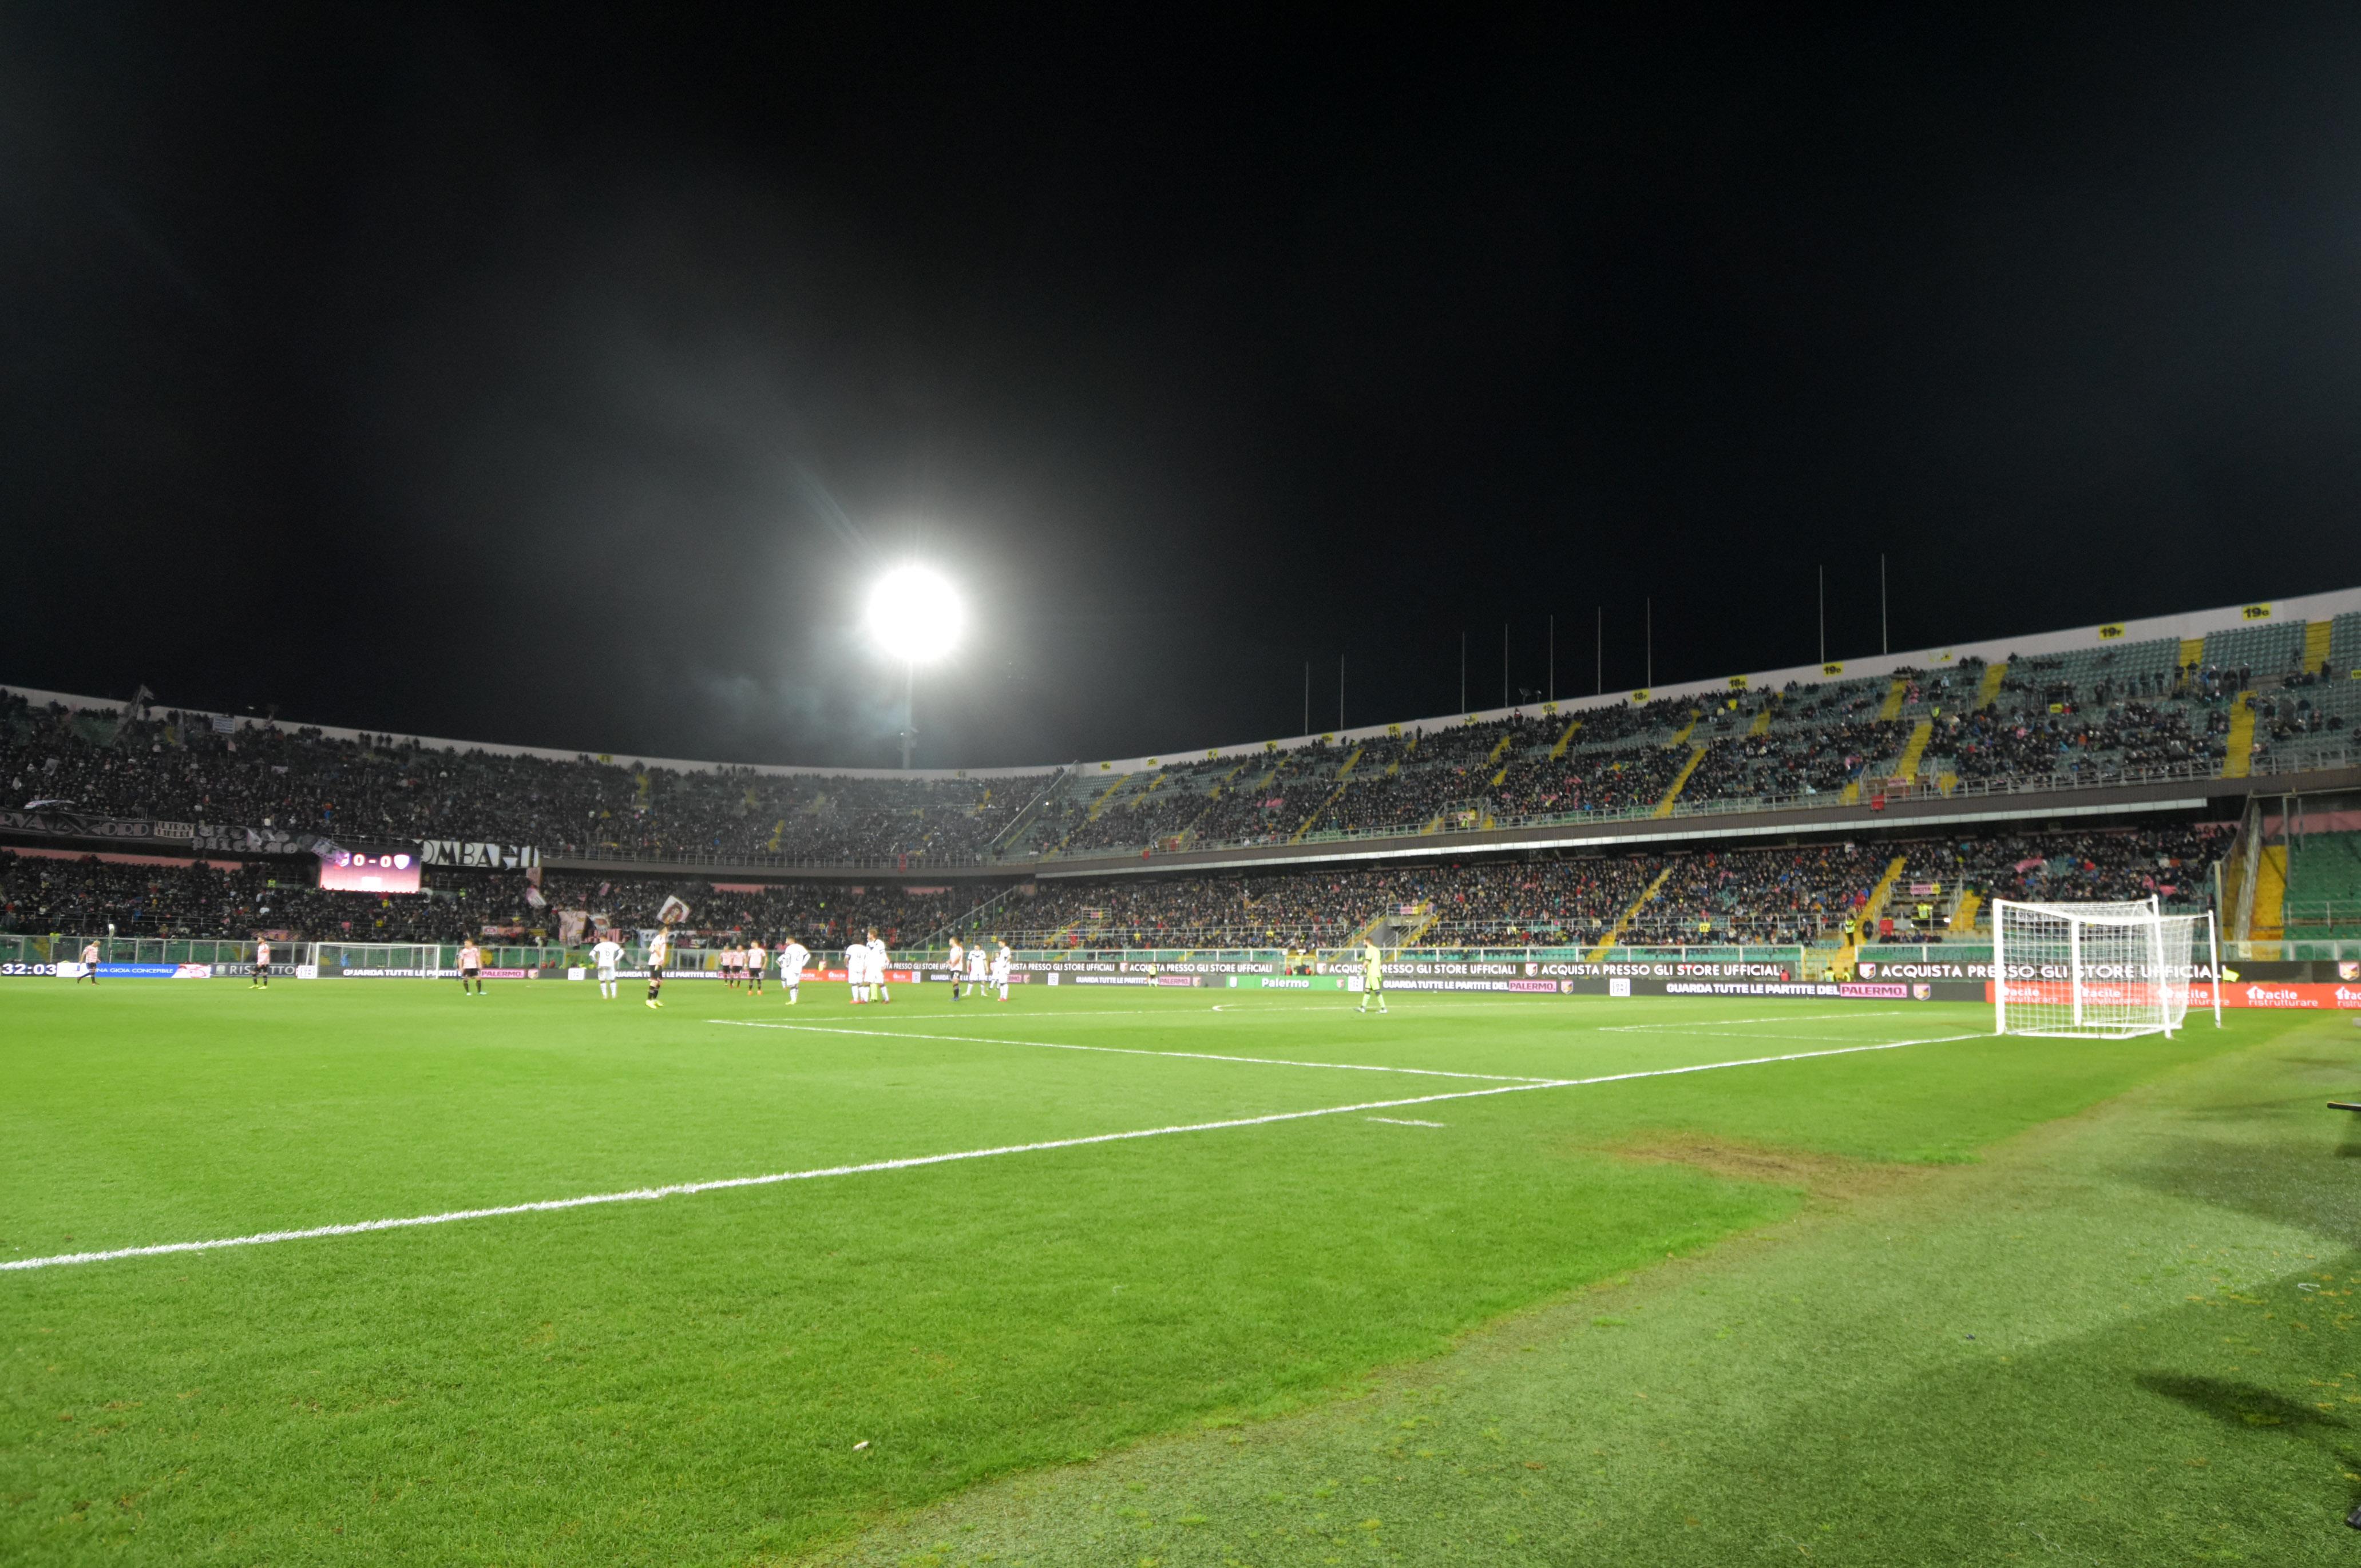 Stadio Barbera Palermo tribuna curva